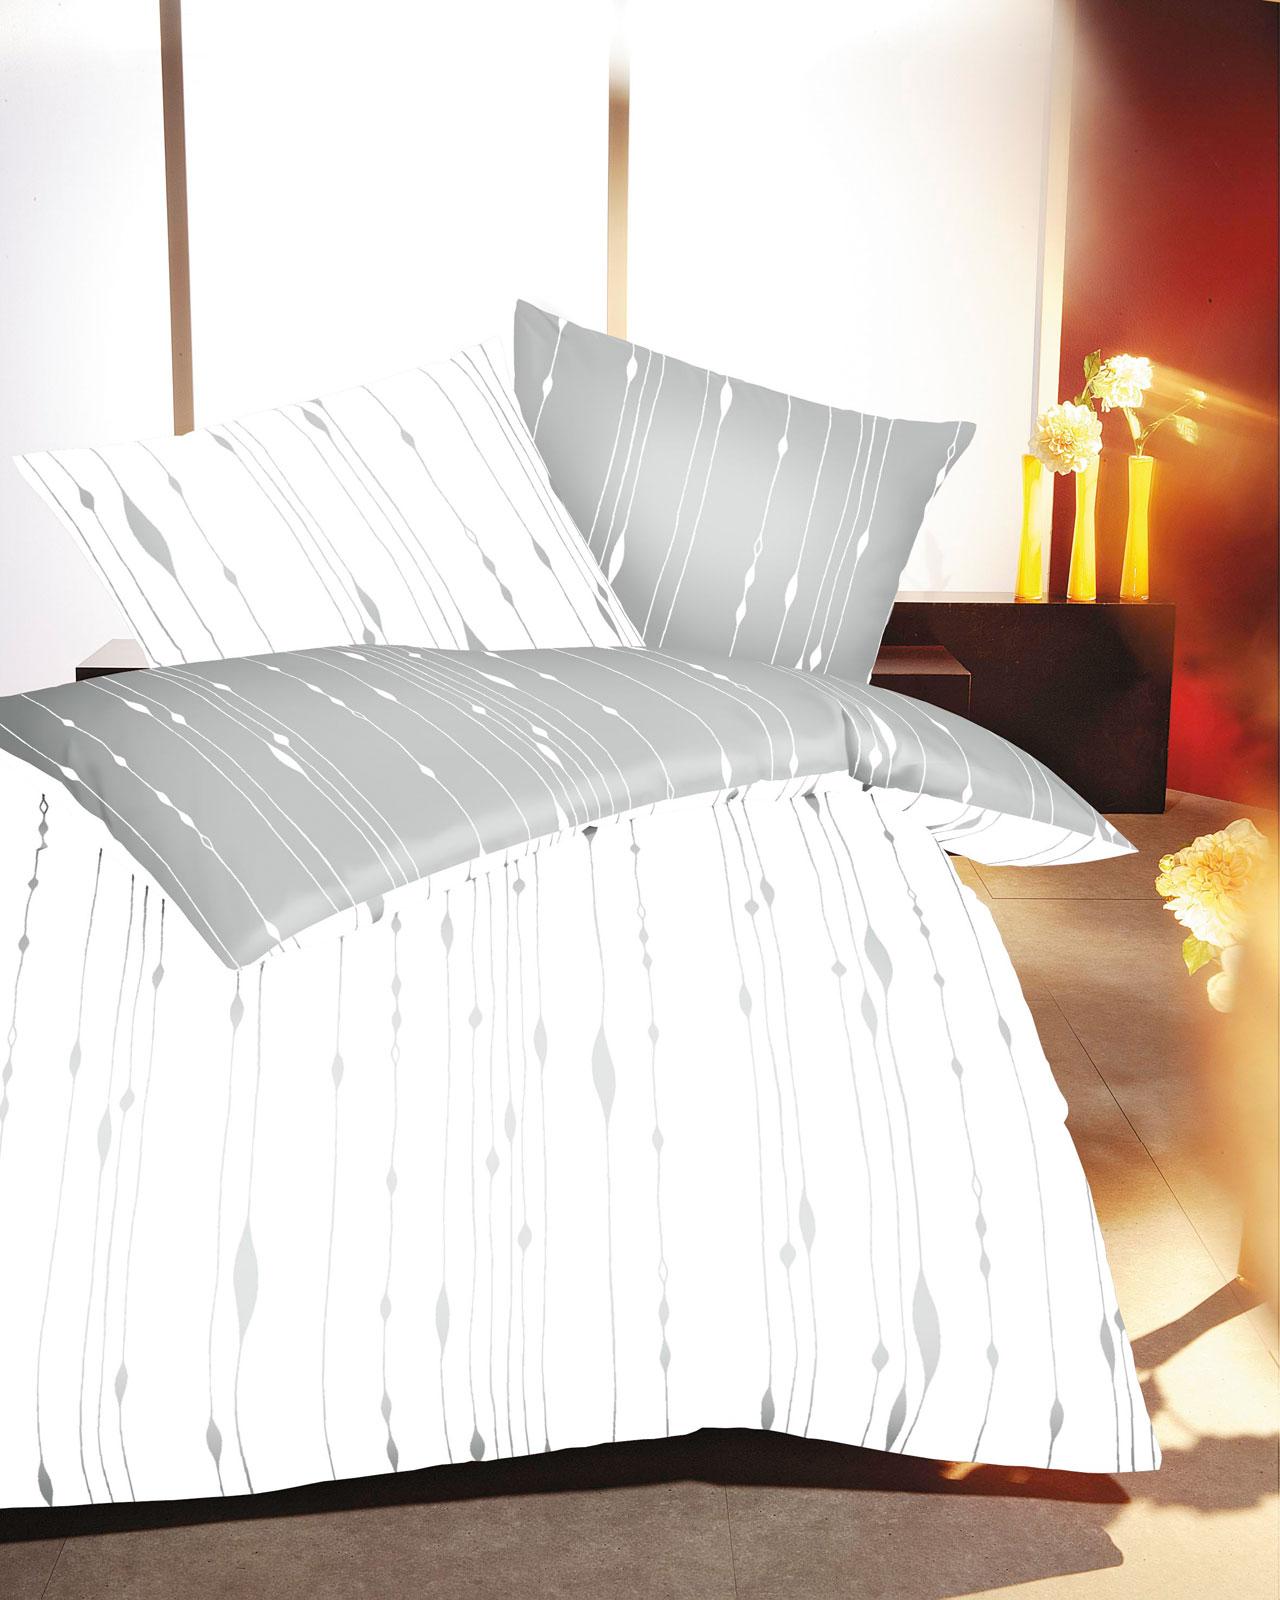 Bettwäsche - Kaeppel Biber Feinbiber Bettwäsche 100 Baumwolle Cocoon 684 549 schiefer 200x200  - Onlineshop PremiumShop321